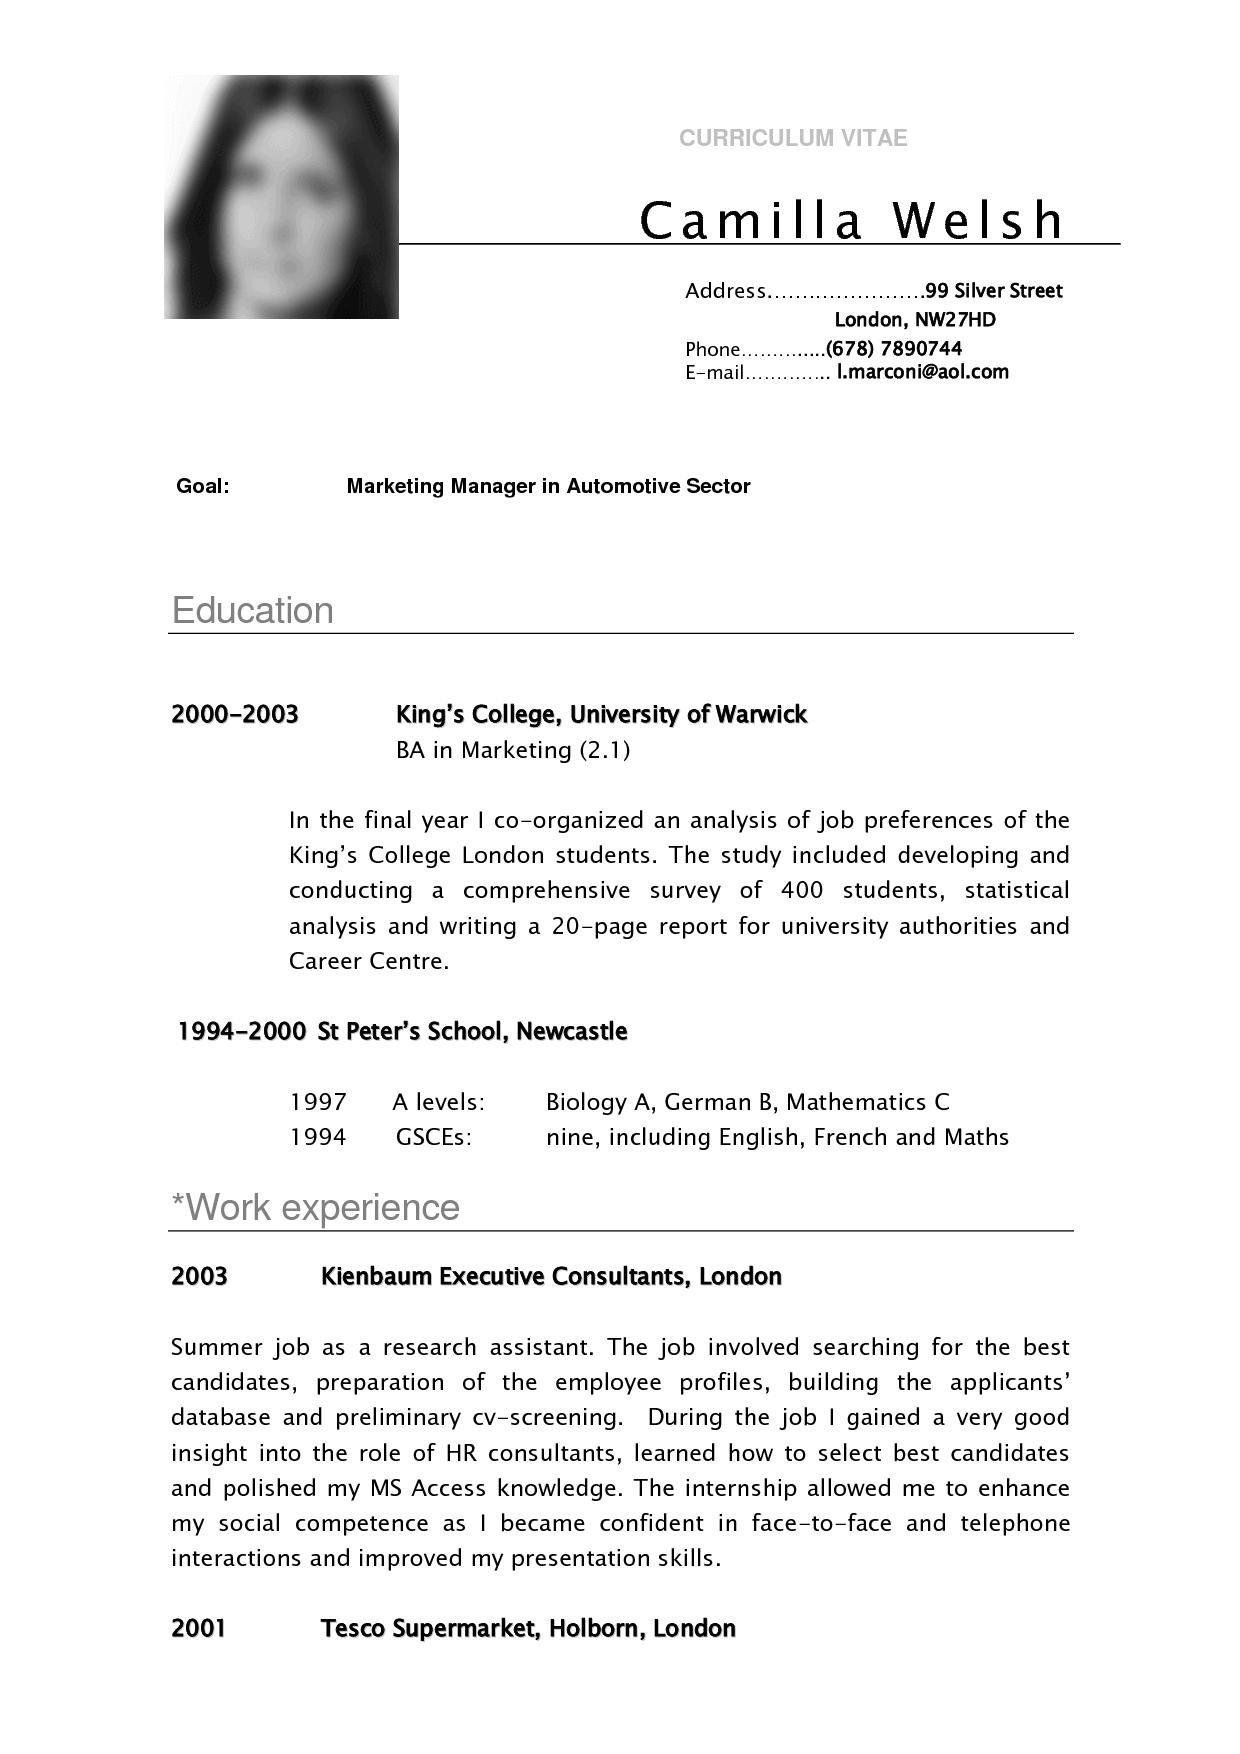 CV SAMPLE CURRICULUM VITAE Camilla Student resume